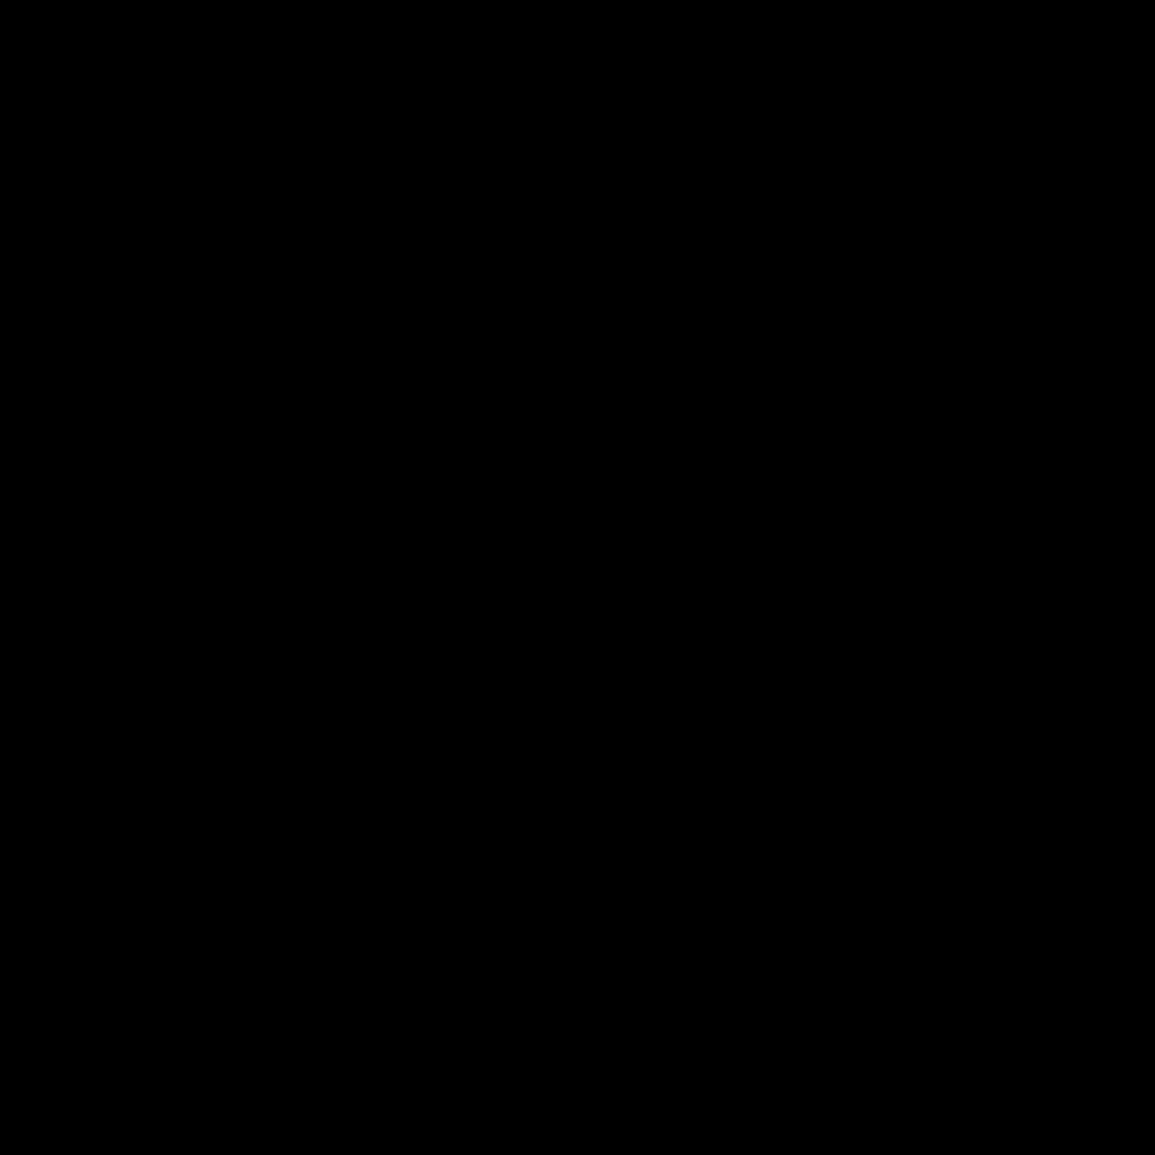 ナカミンダ U-S UNMDS 字形見本